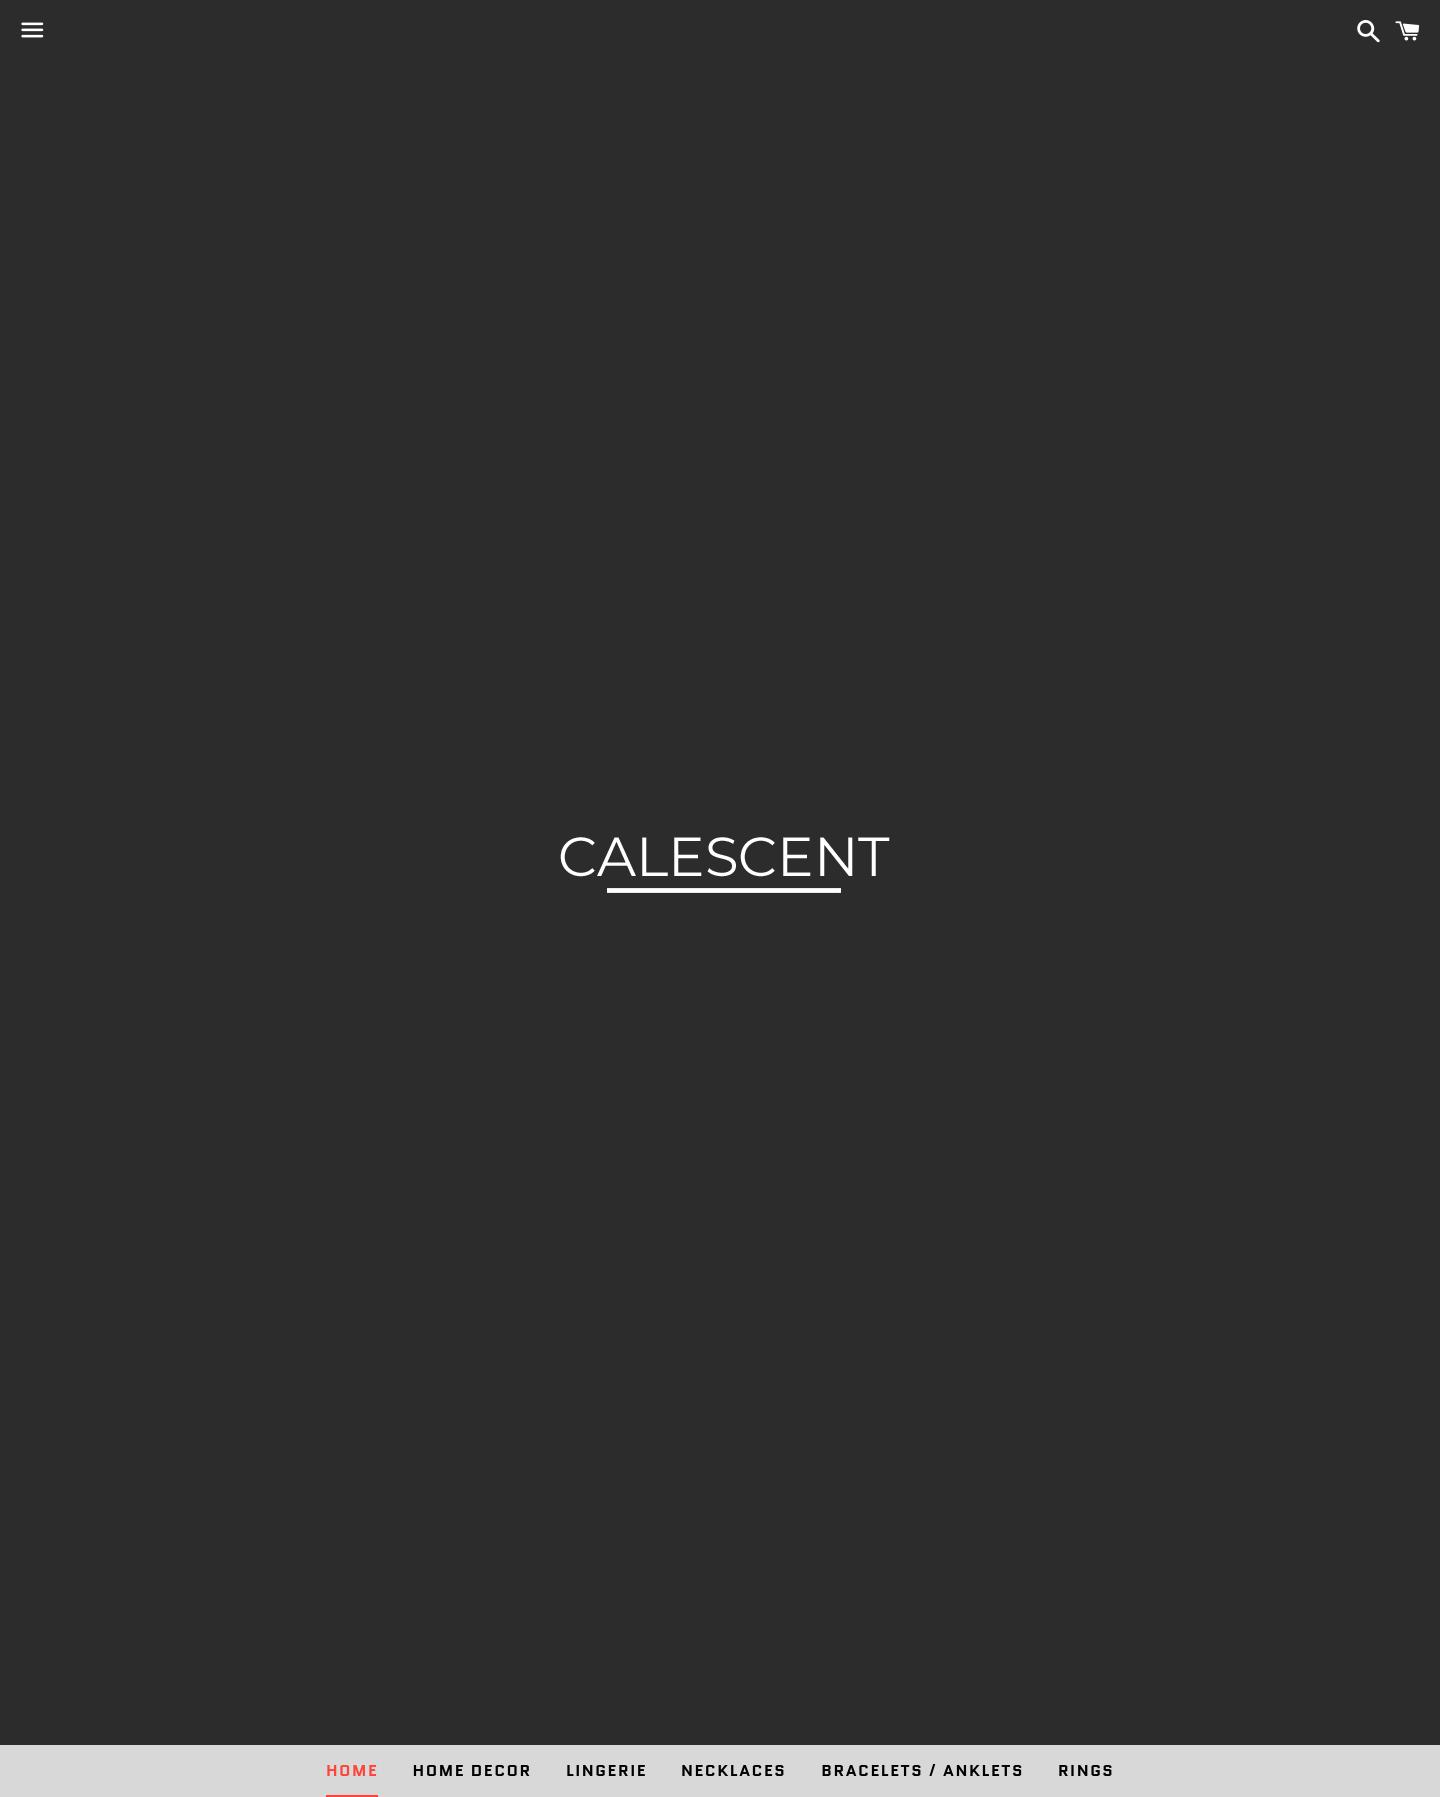 calescent